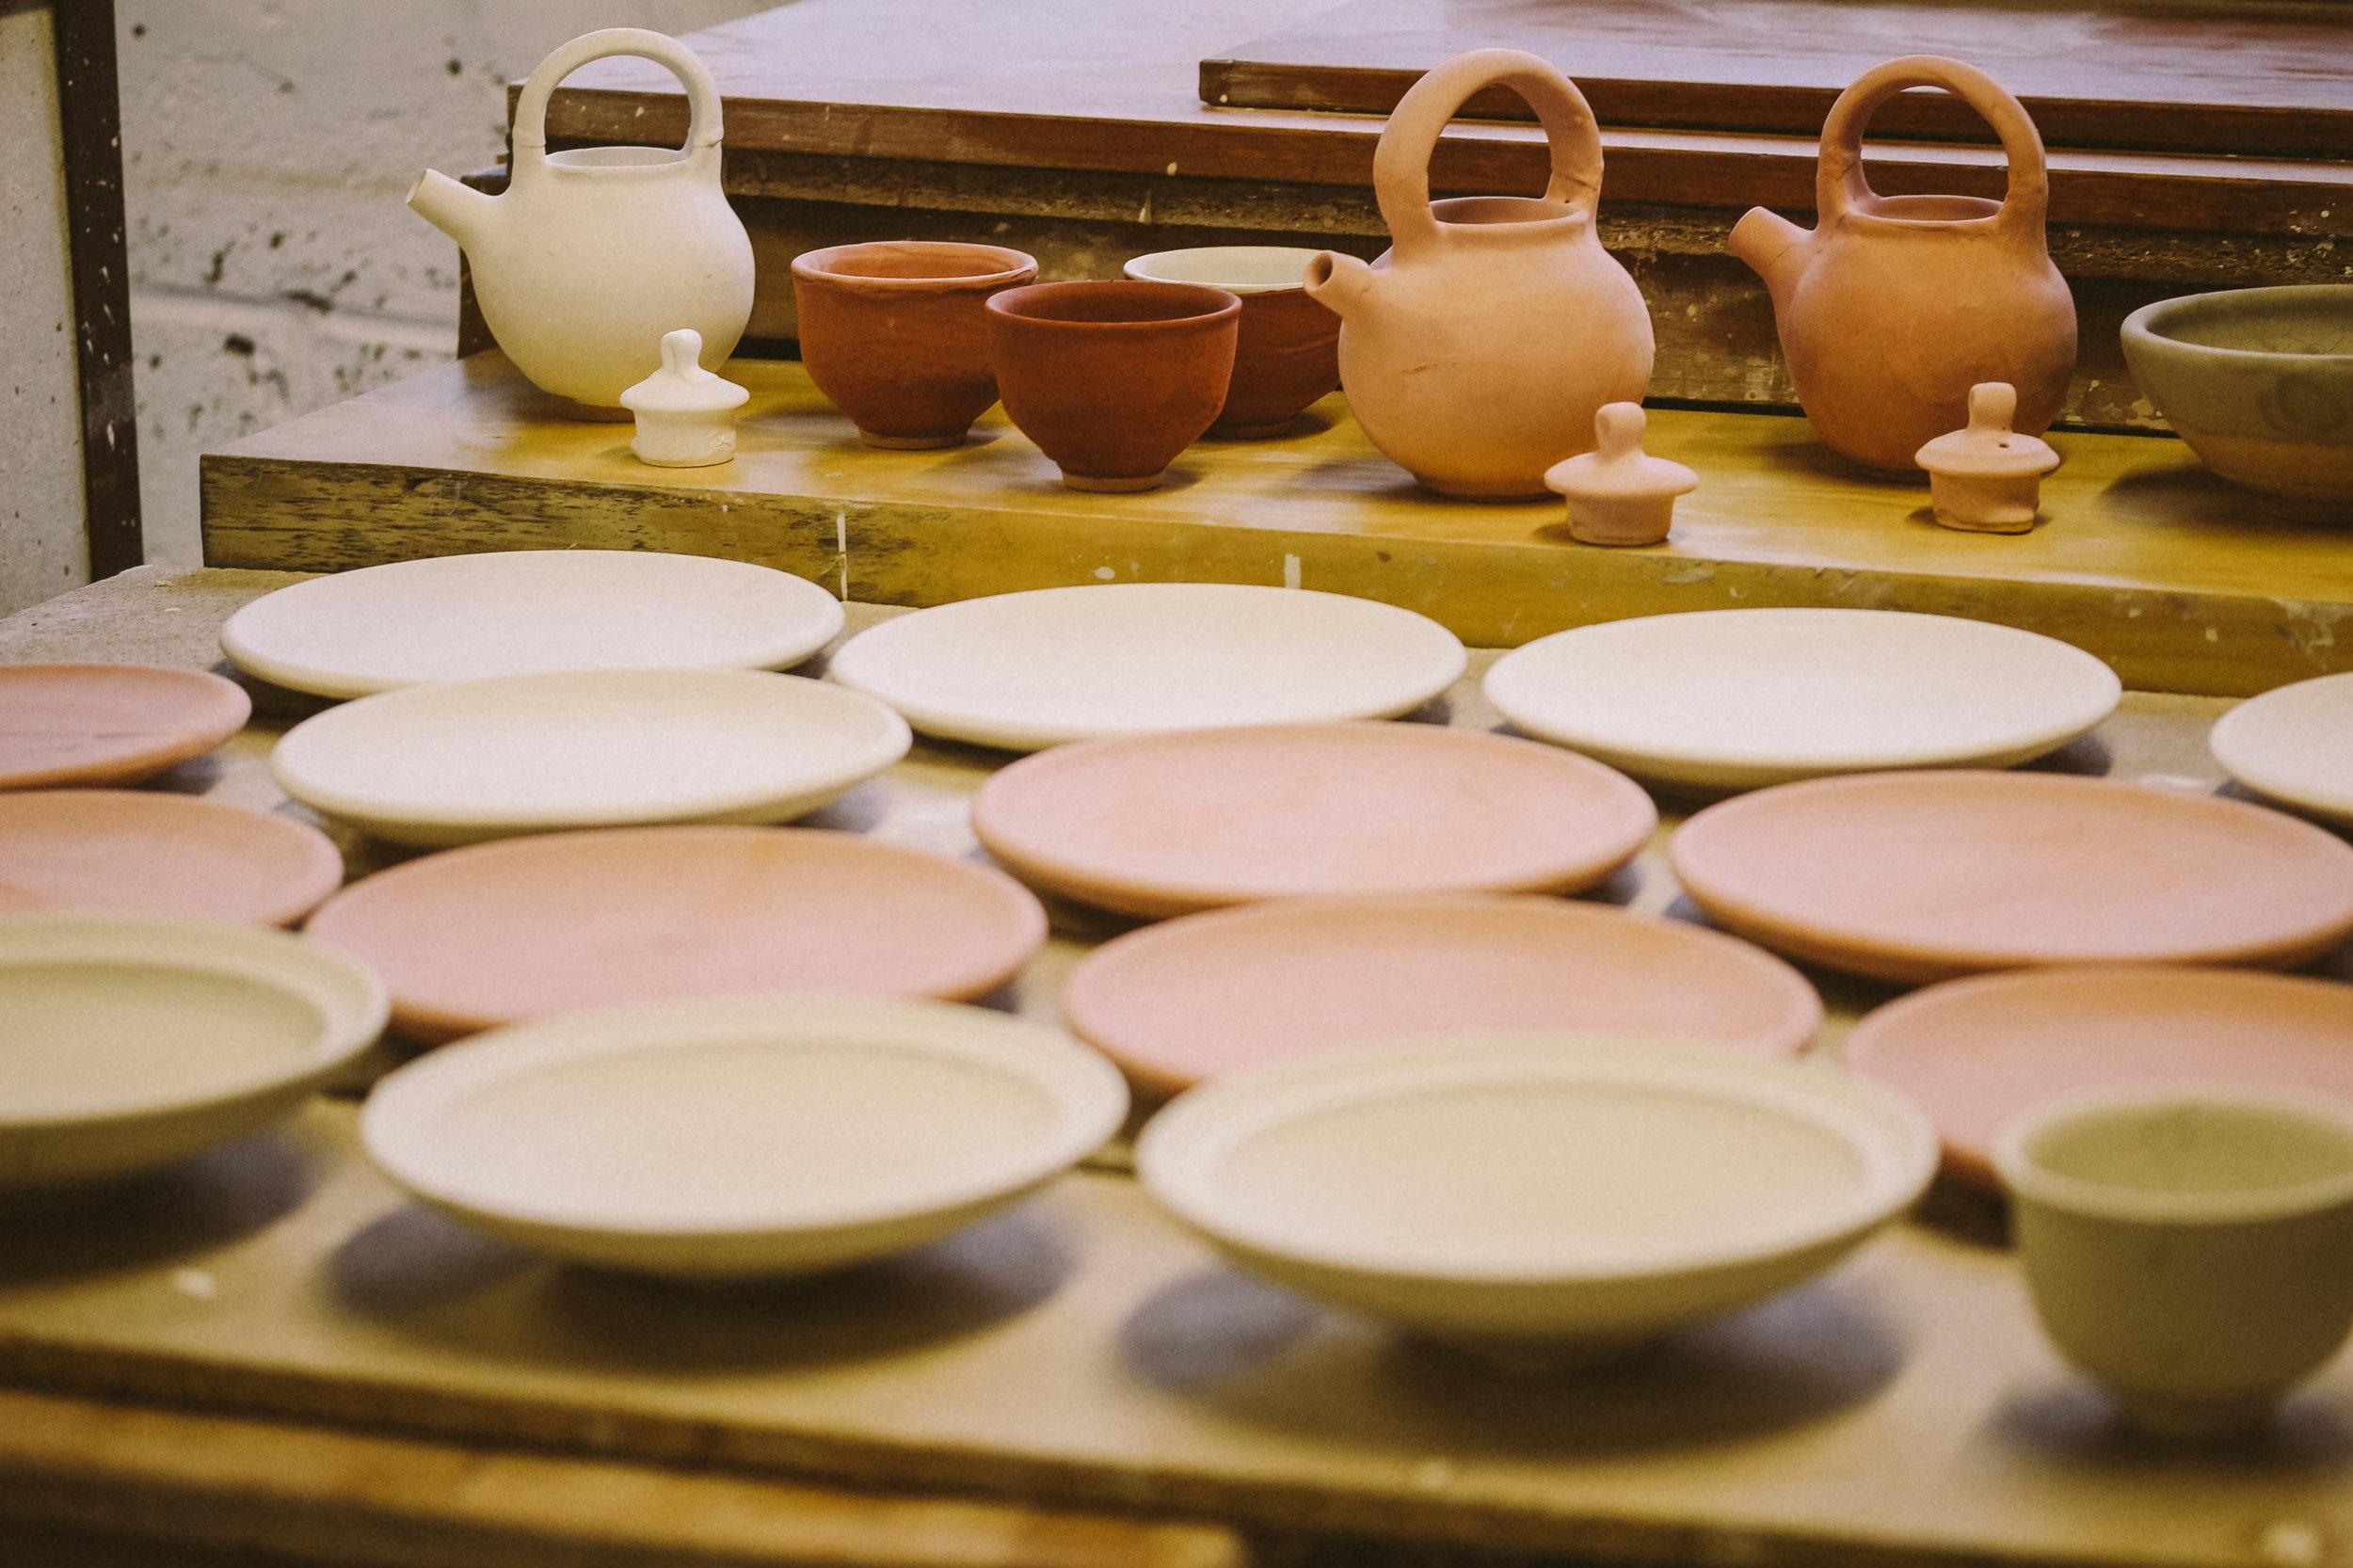 ceramics-13.jpg